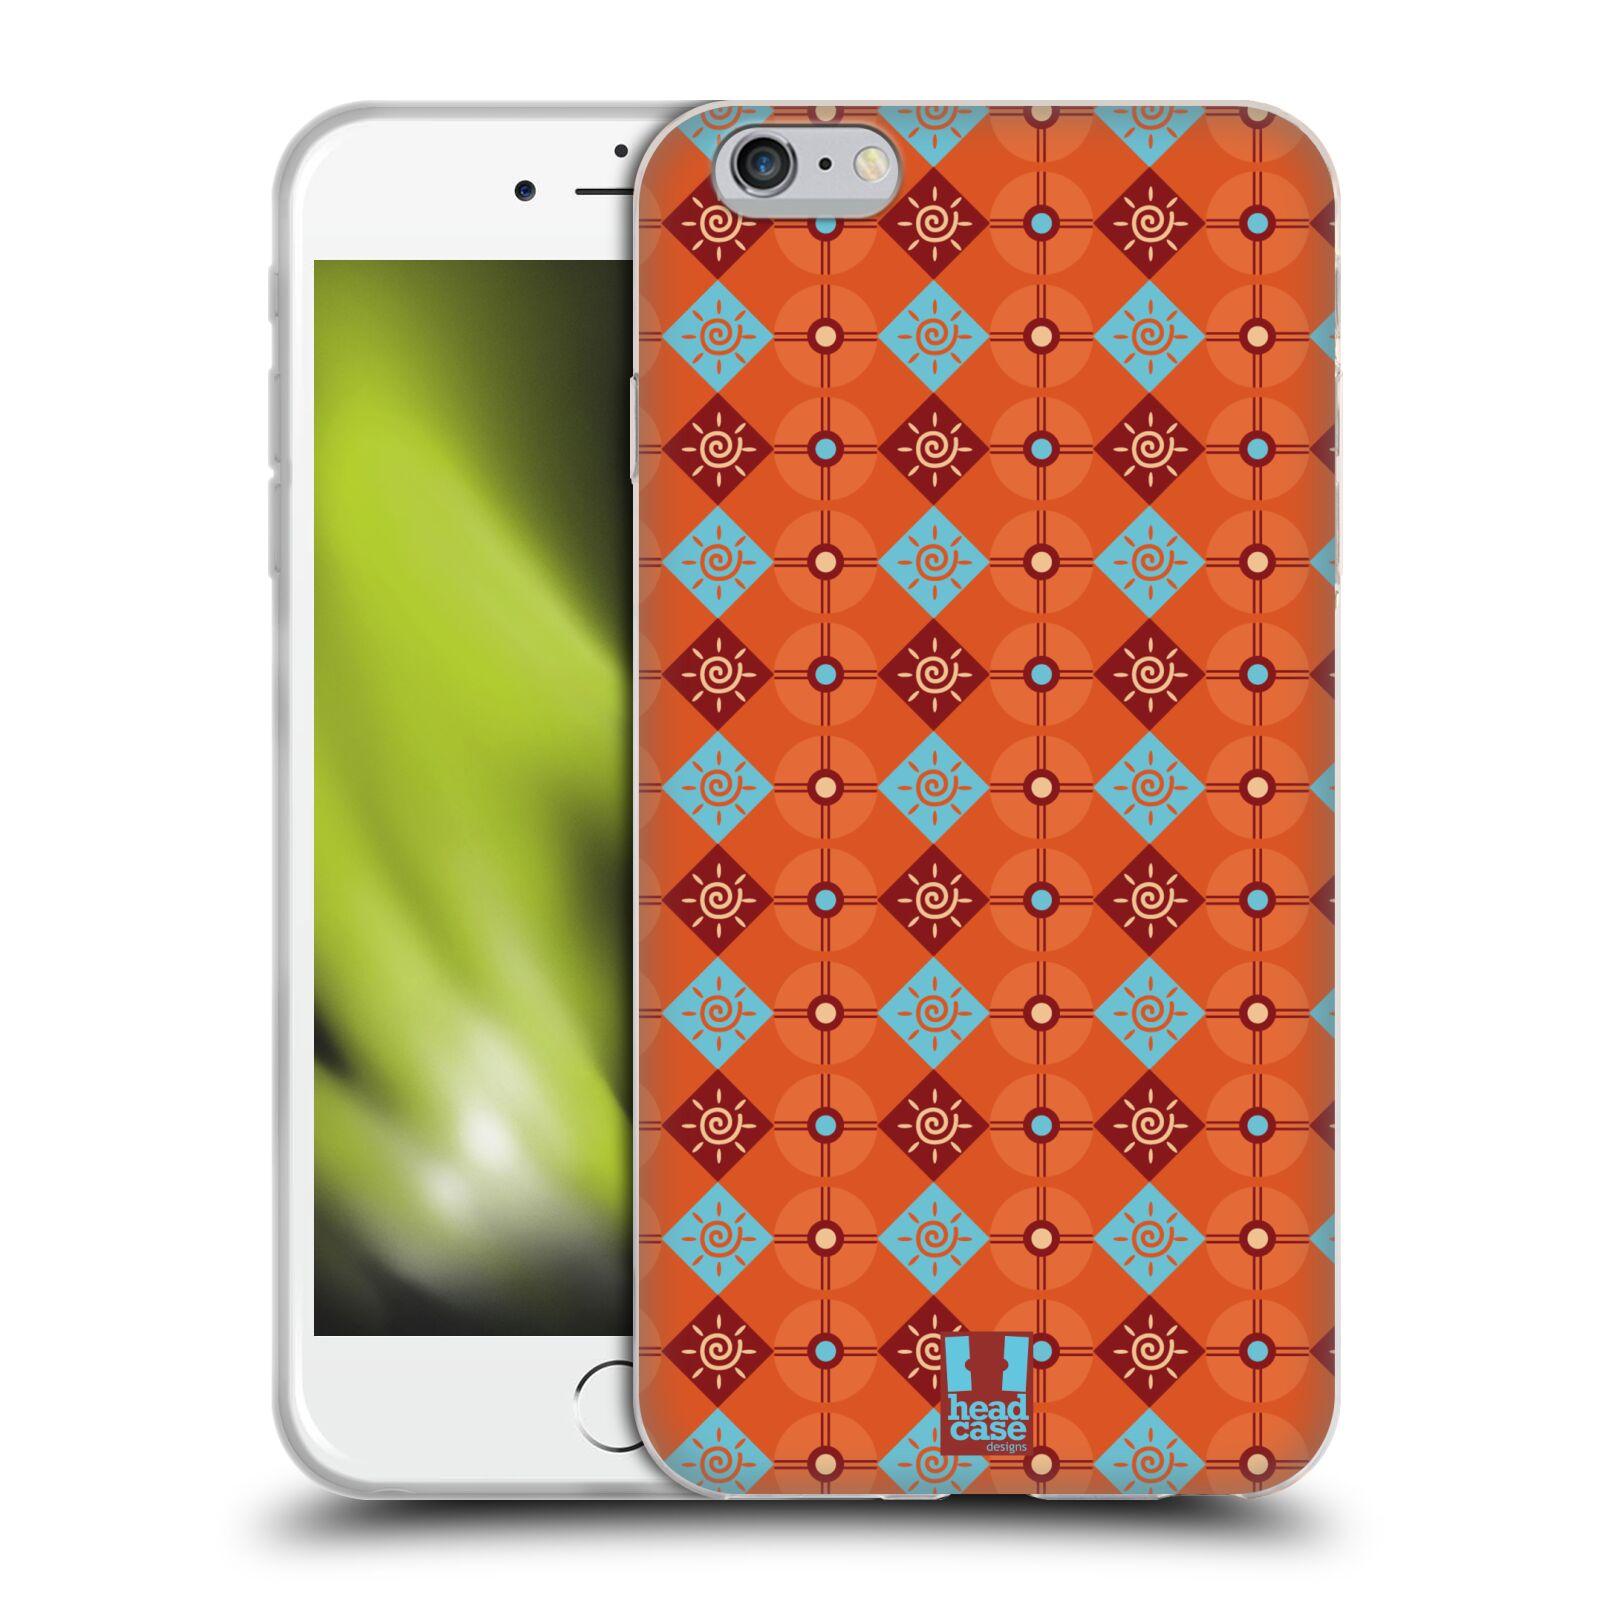 HEAD CASE silikonový obal na mobil Apple Iphone 6 PLUS/ 6S PLUS vzor Africké motivy sluneční vír